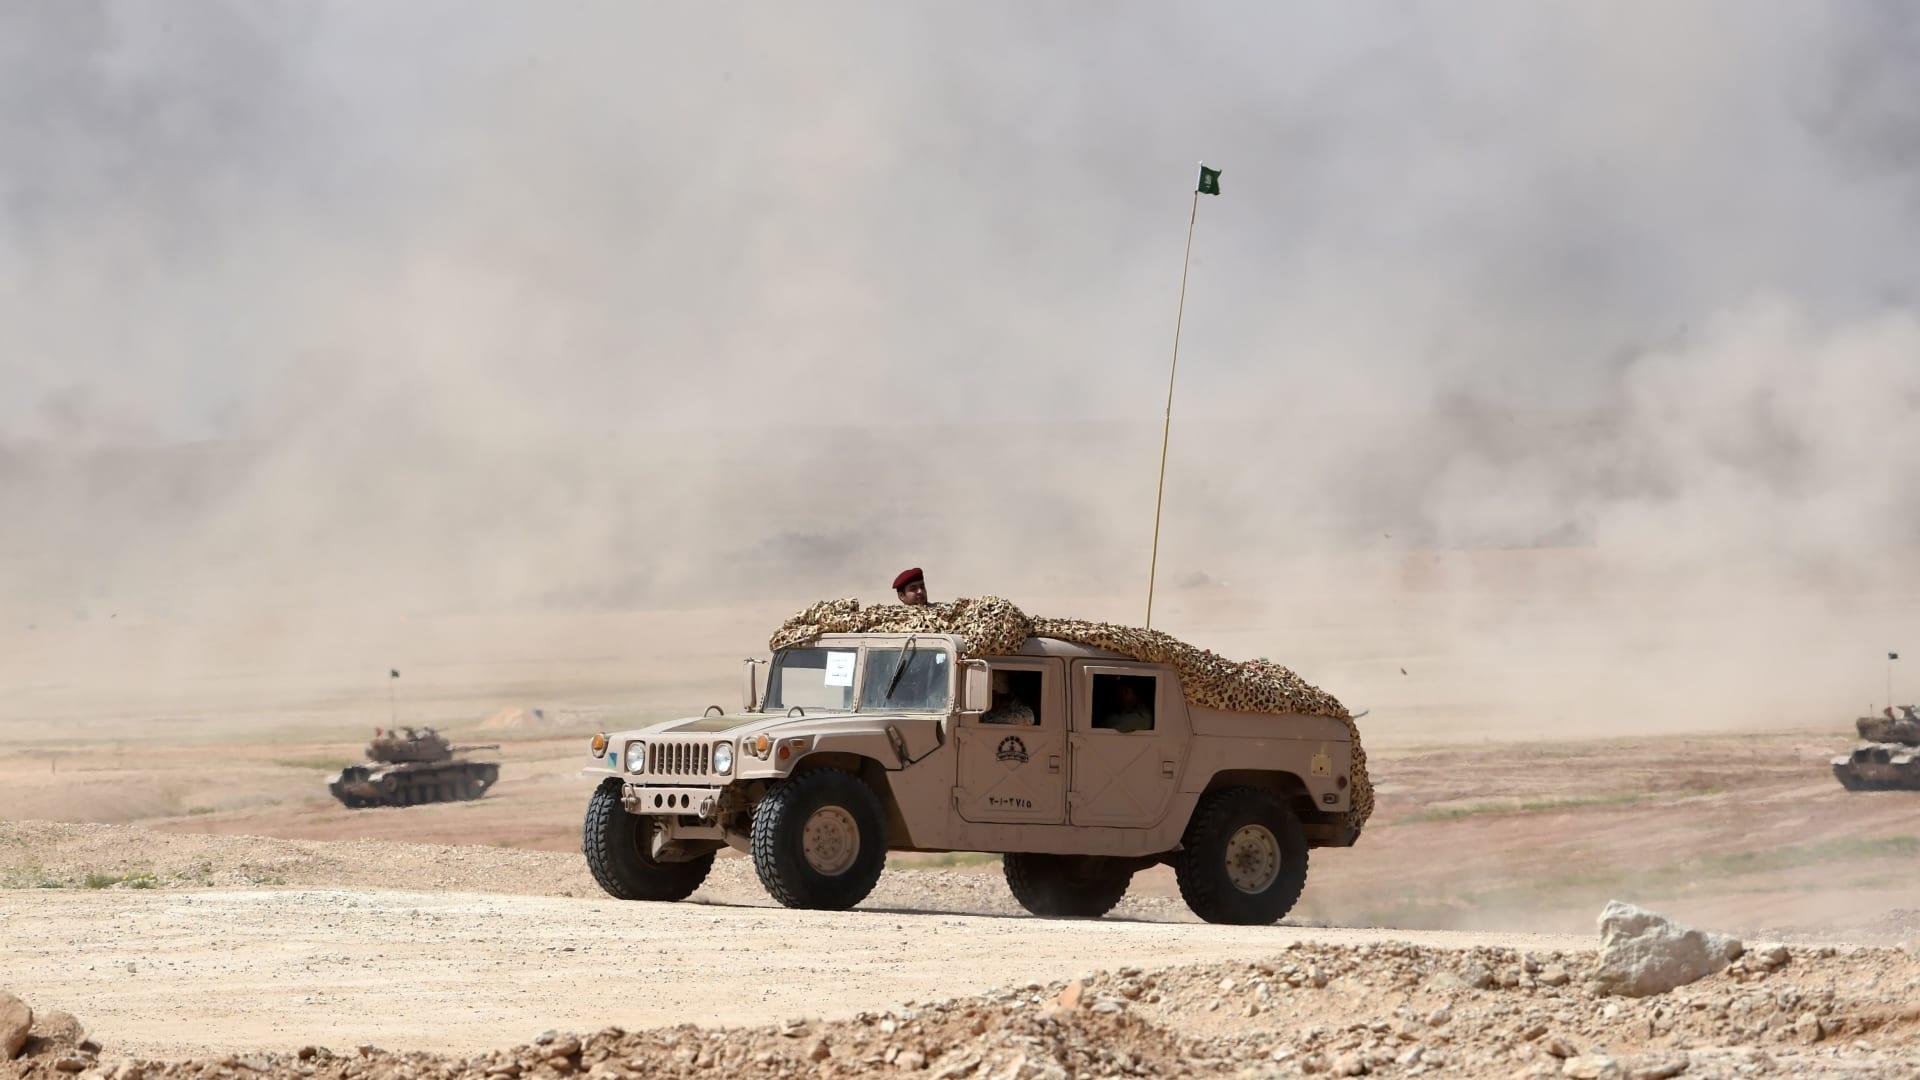 السعودية تخطط استثمار أكثر من 20 مليار دولار في الصناعات العسكرية خلال العقد المقبل